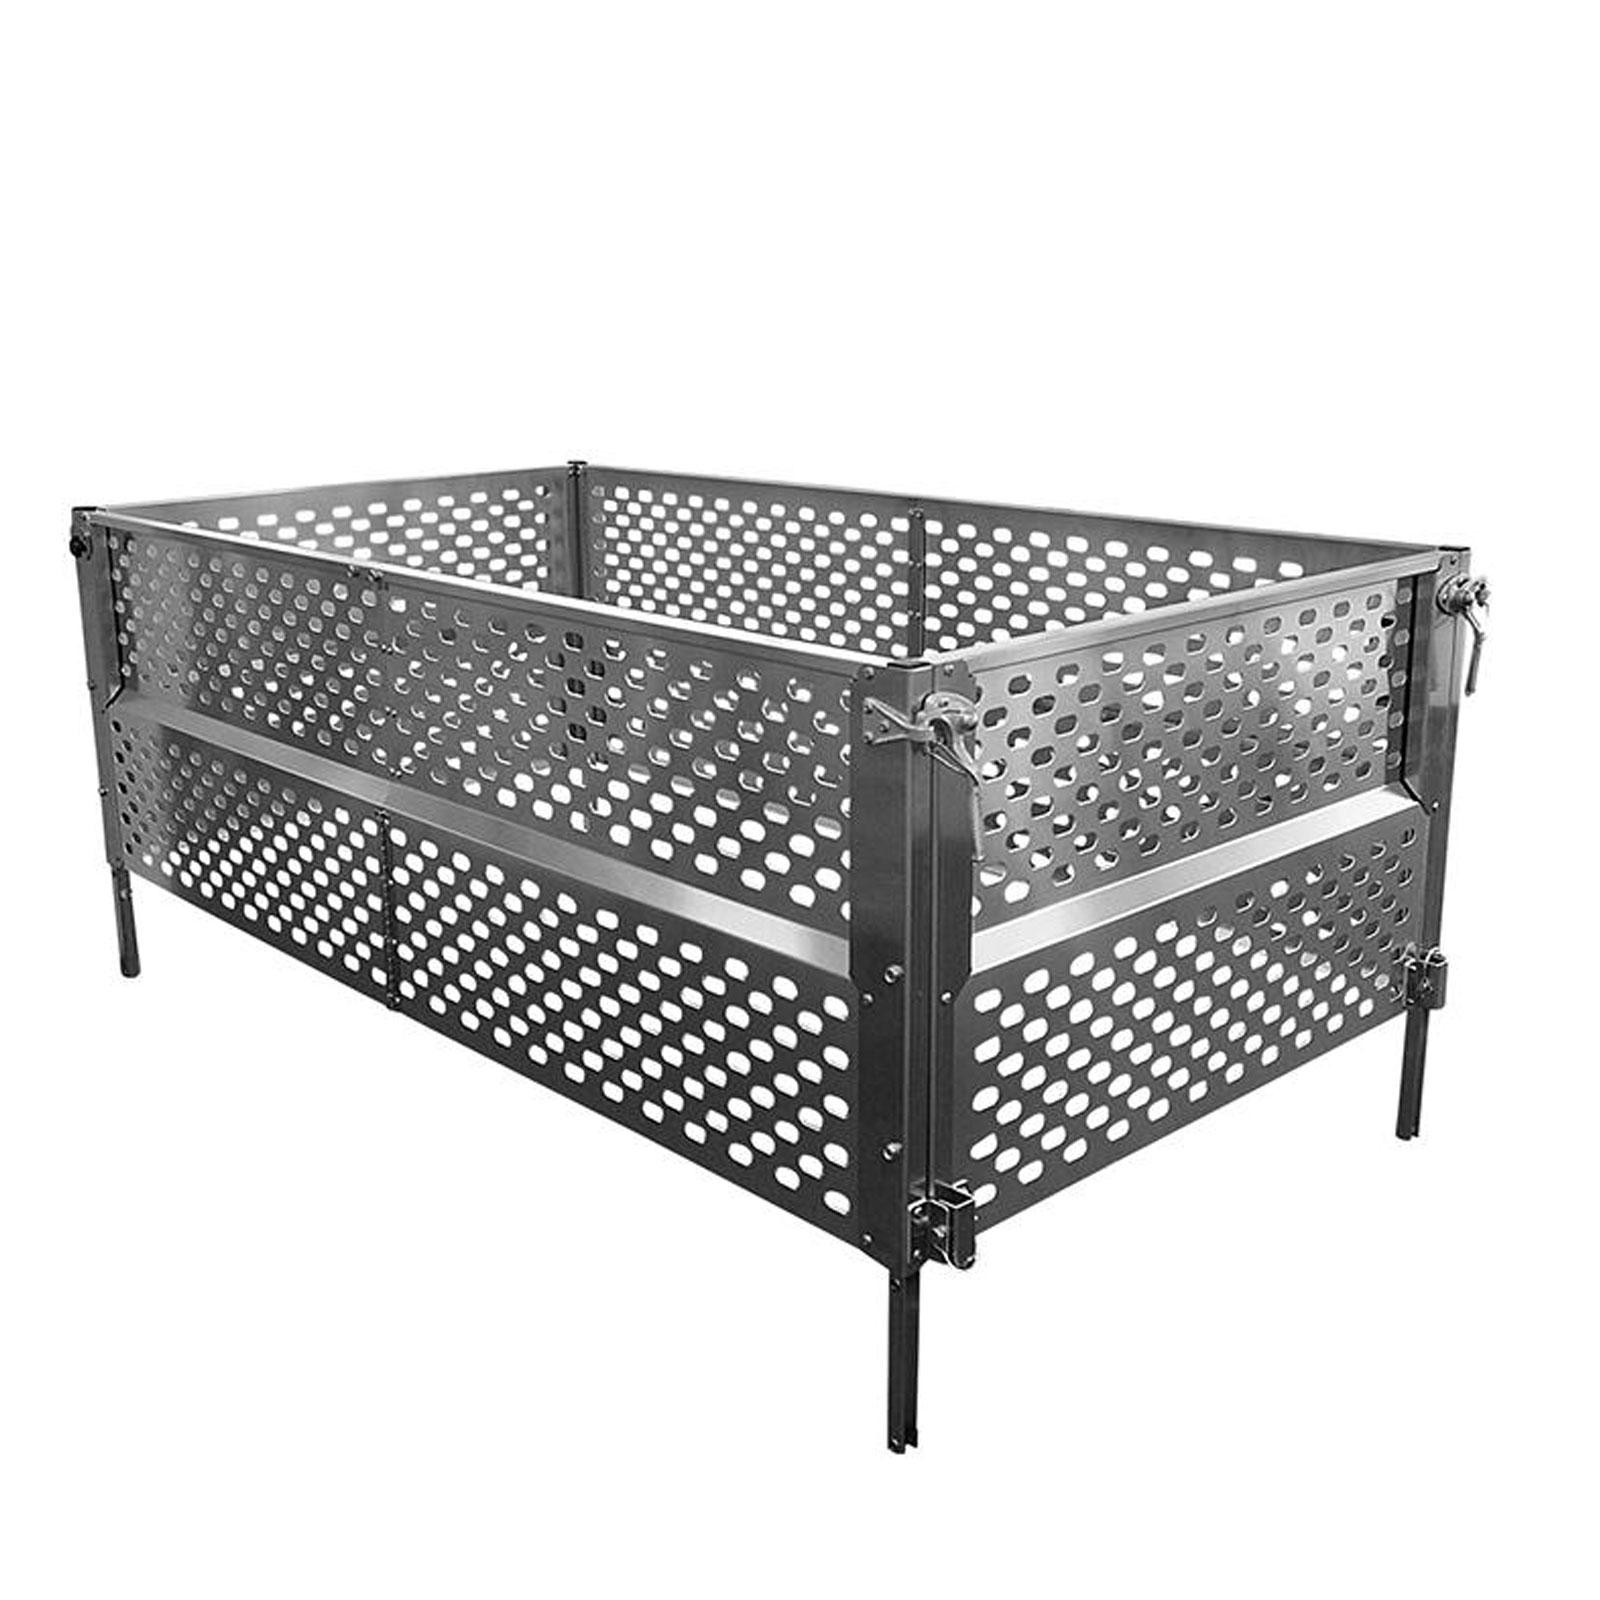 anh nger gitteraufsatz 2075x1140x660 mm aluminium bordwand laubgitter ebay. Black Bedroom Furniture Sets. Home Design Ideas